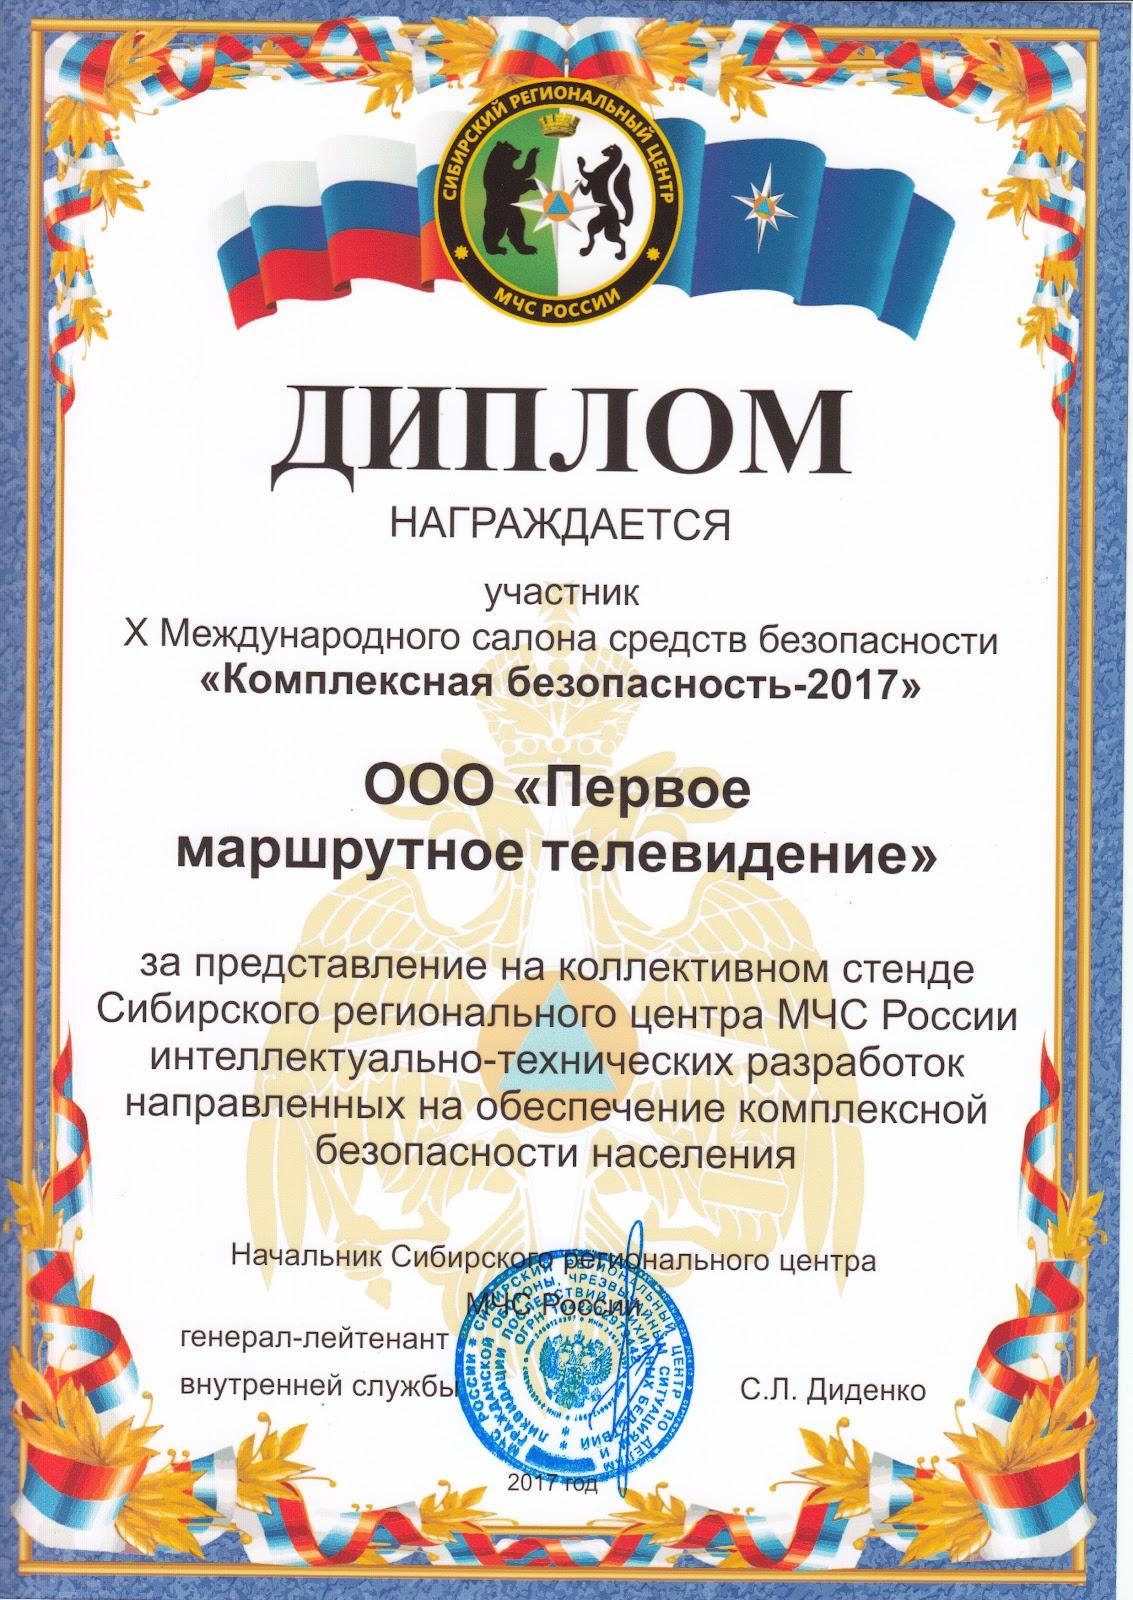 Диплом Первого Маршрутного Телевидения от МЧС России.jpg